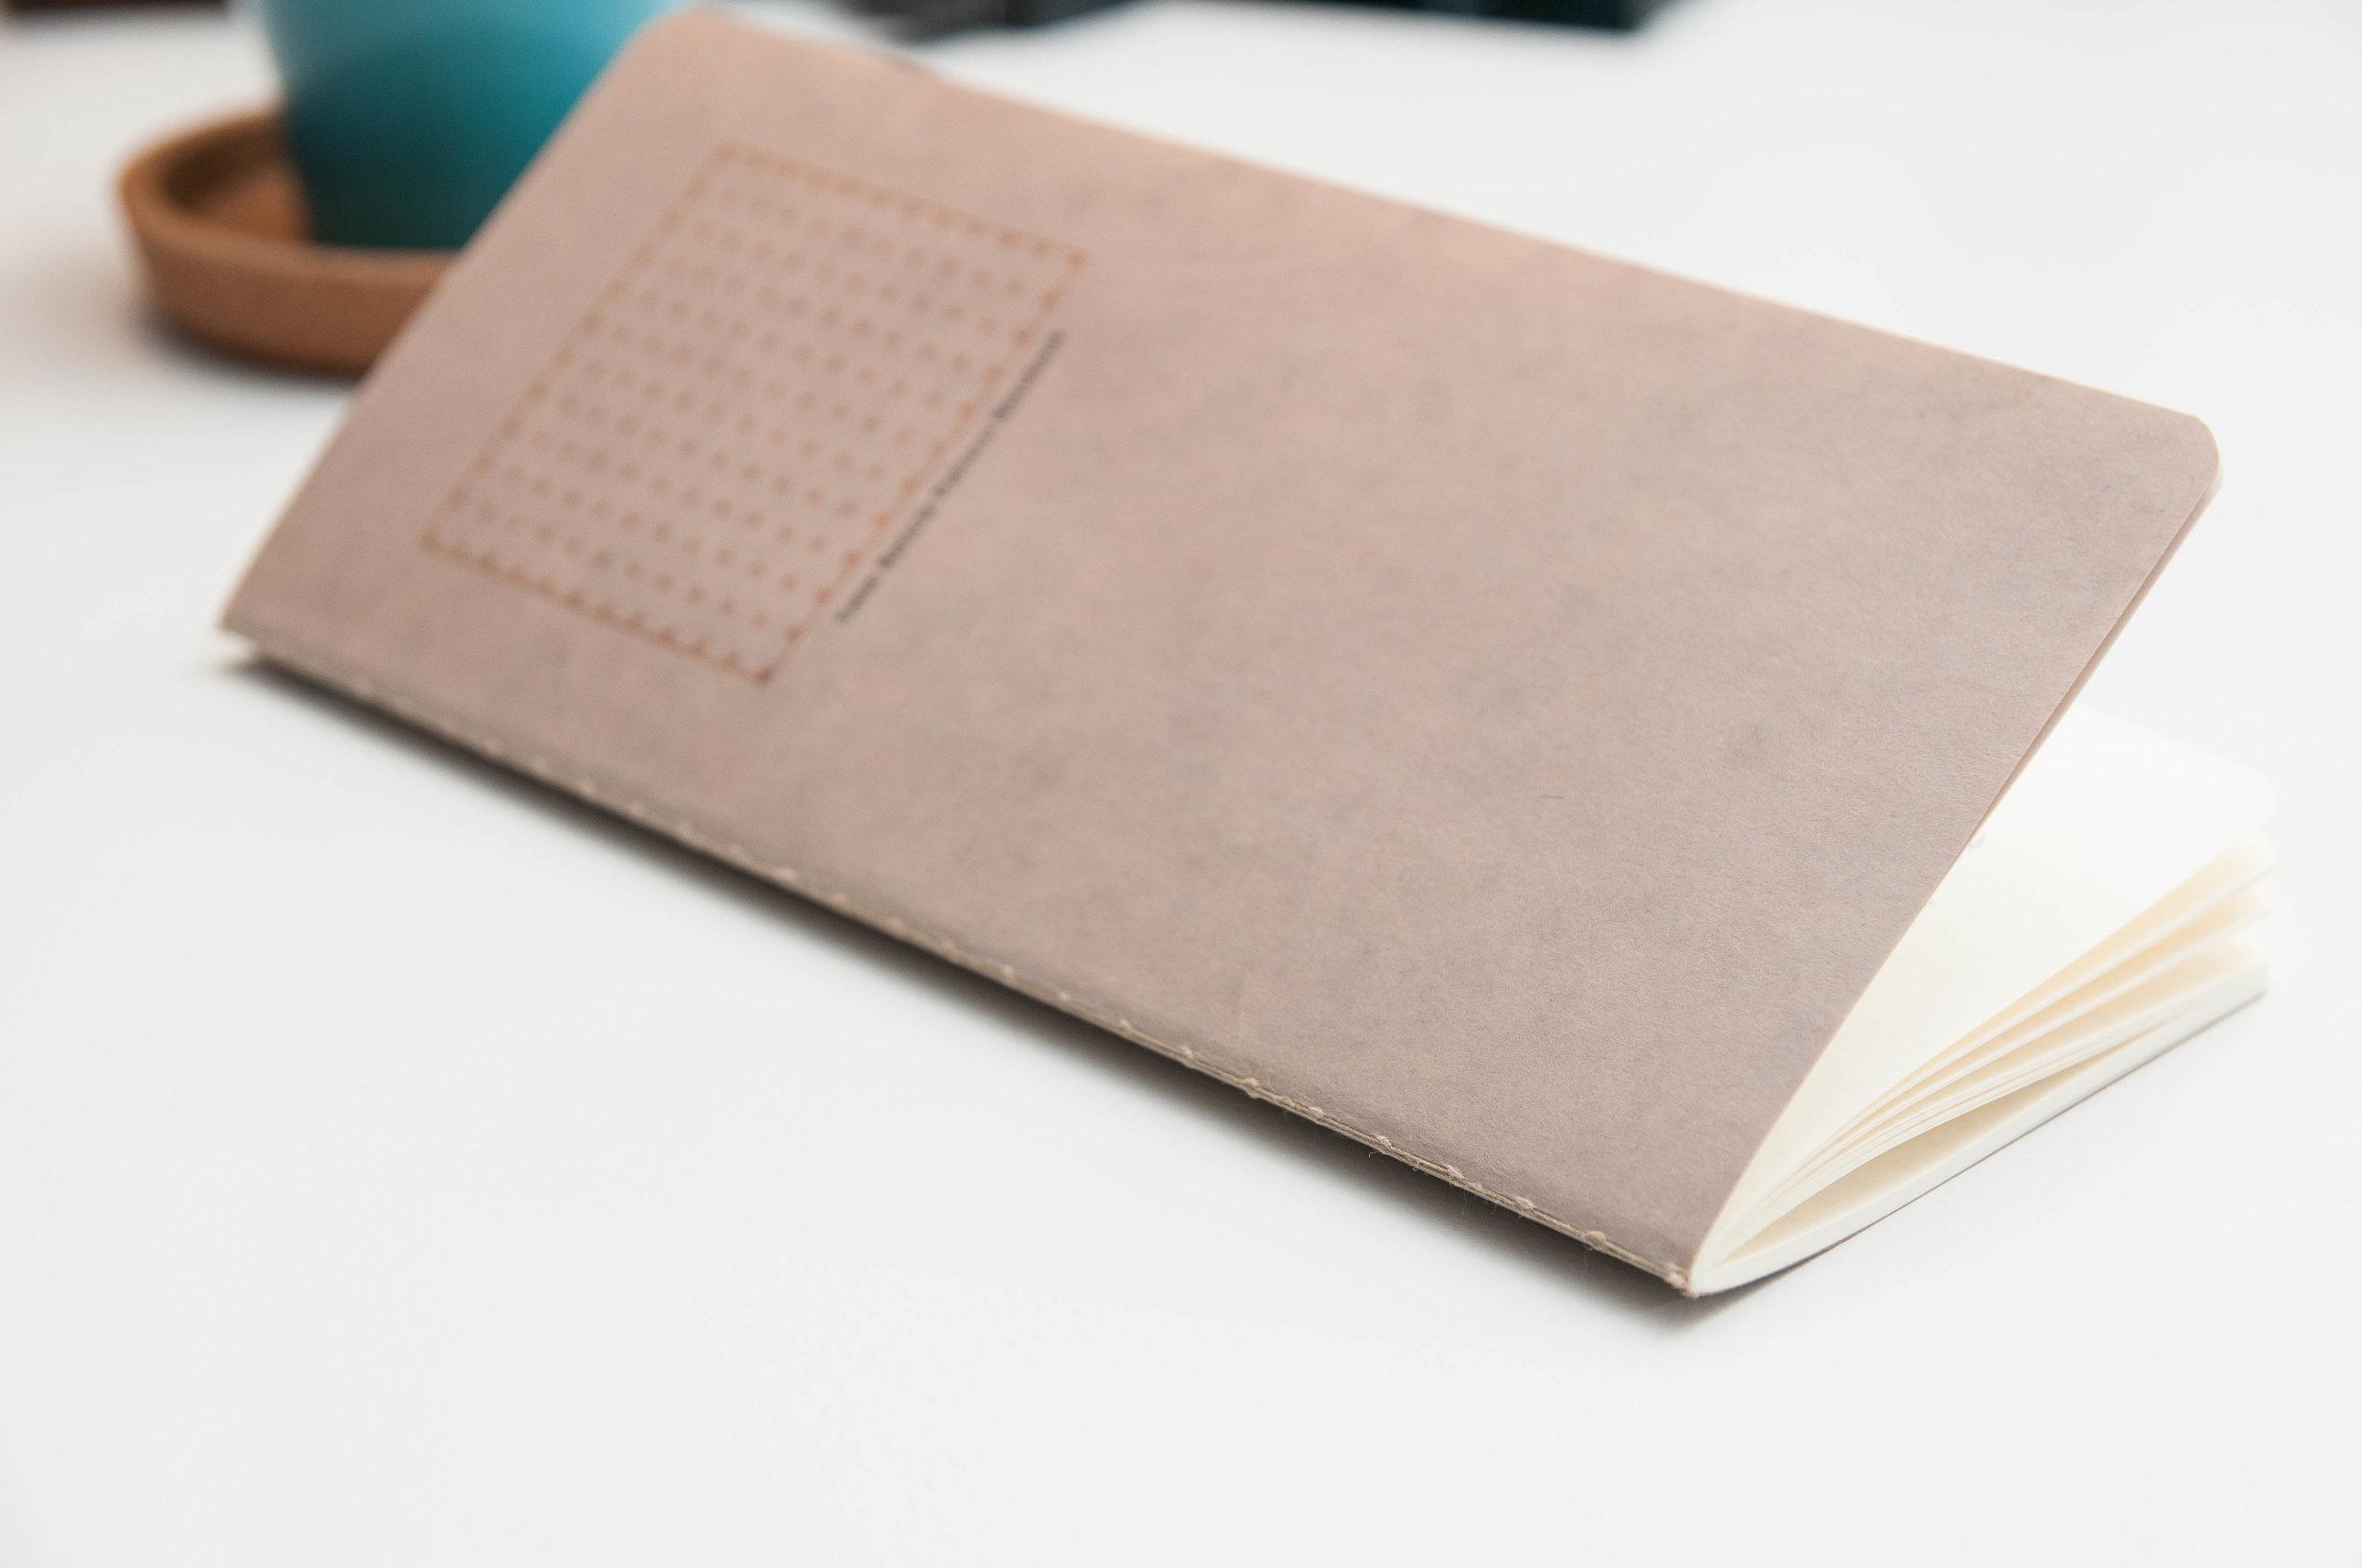 Yamamoto Ro-Biki Reticle Notebook Review